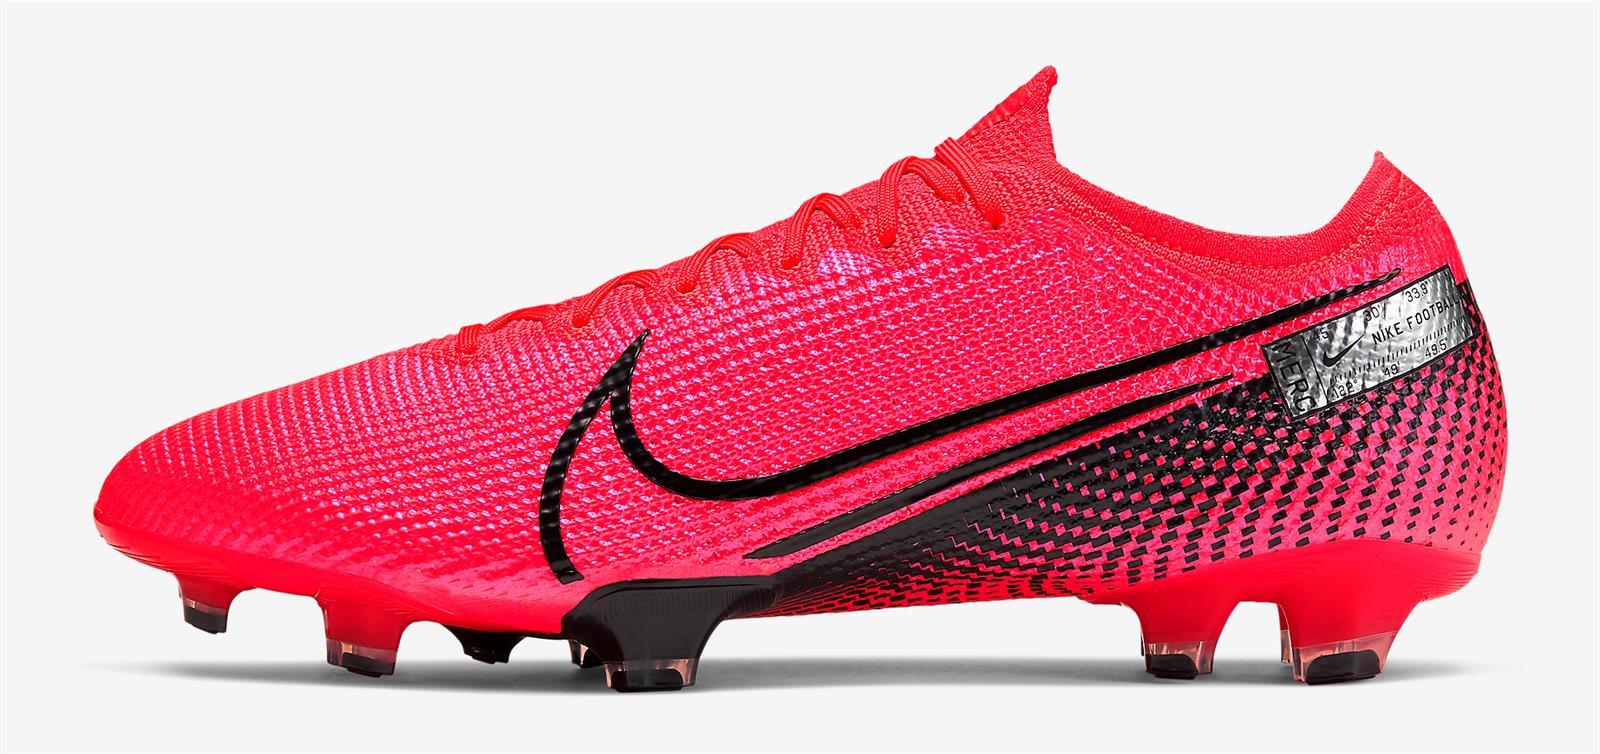 Nike Mercurial là dòng giày được các cầu thủ tại Serie A sử dụng nhiều nhất